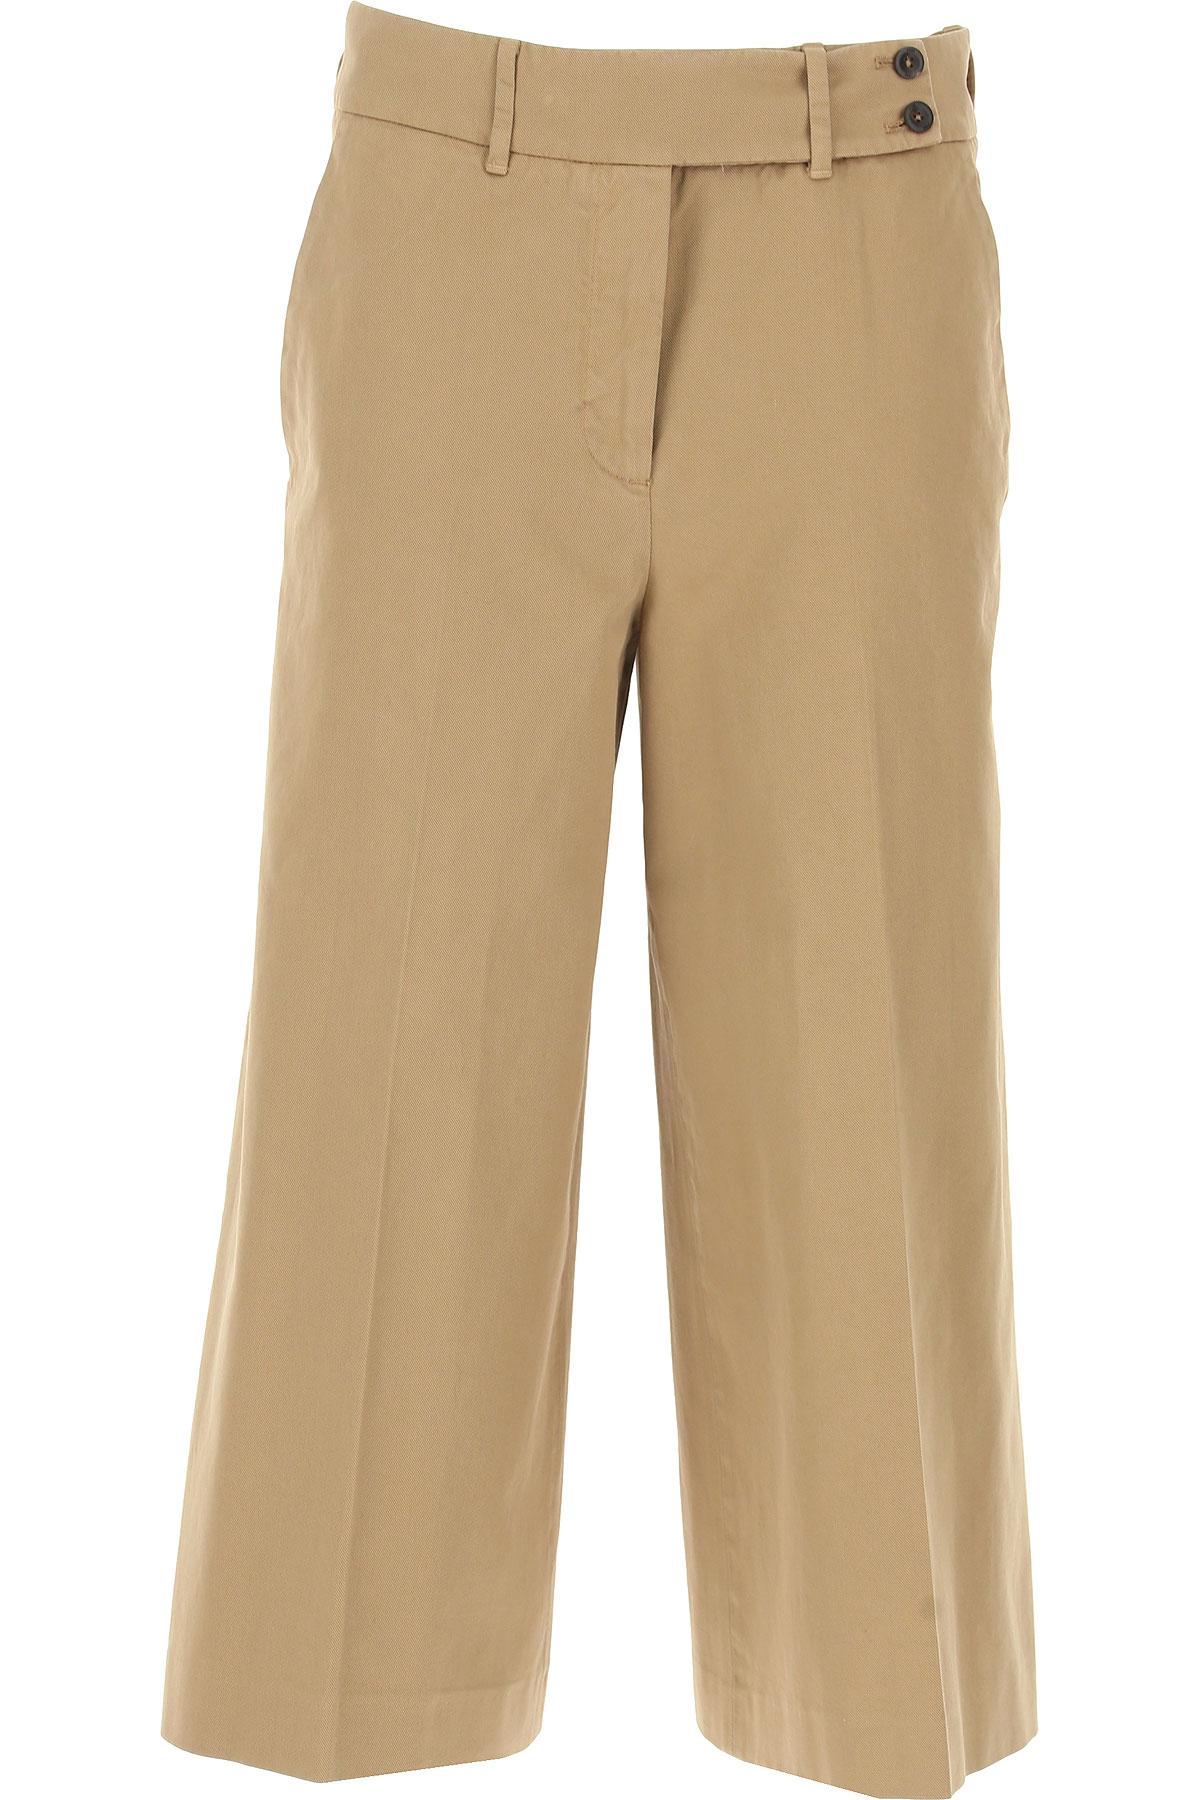 PT01 Pants for Women On Sale, Camel, Cotton, 2017, 26 27 28 29 30 31 32 33 34